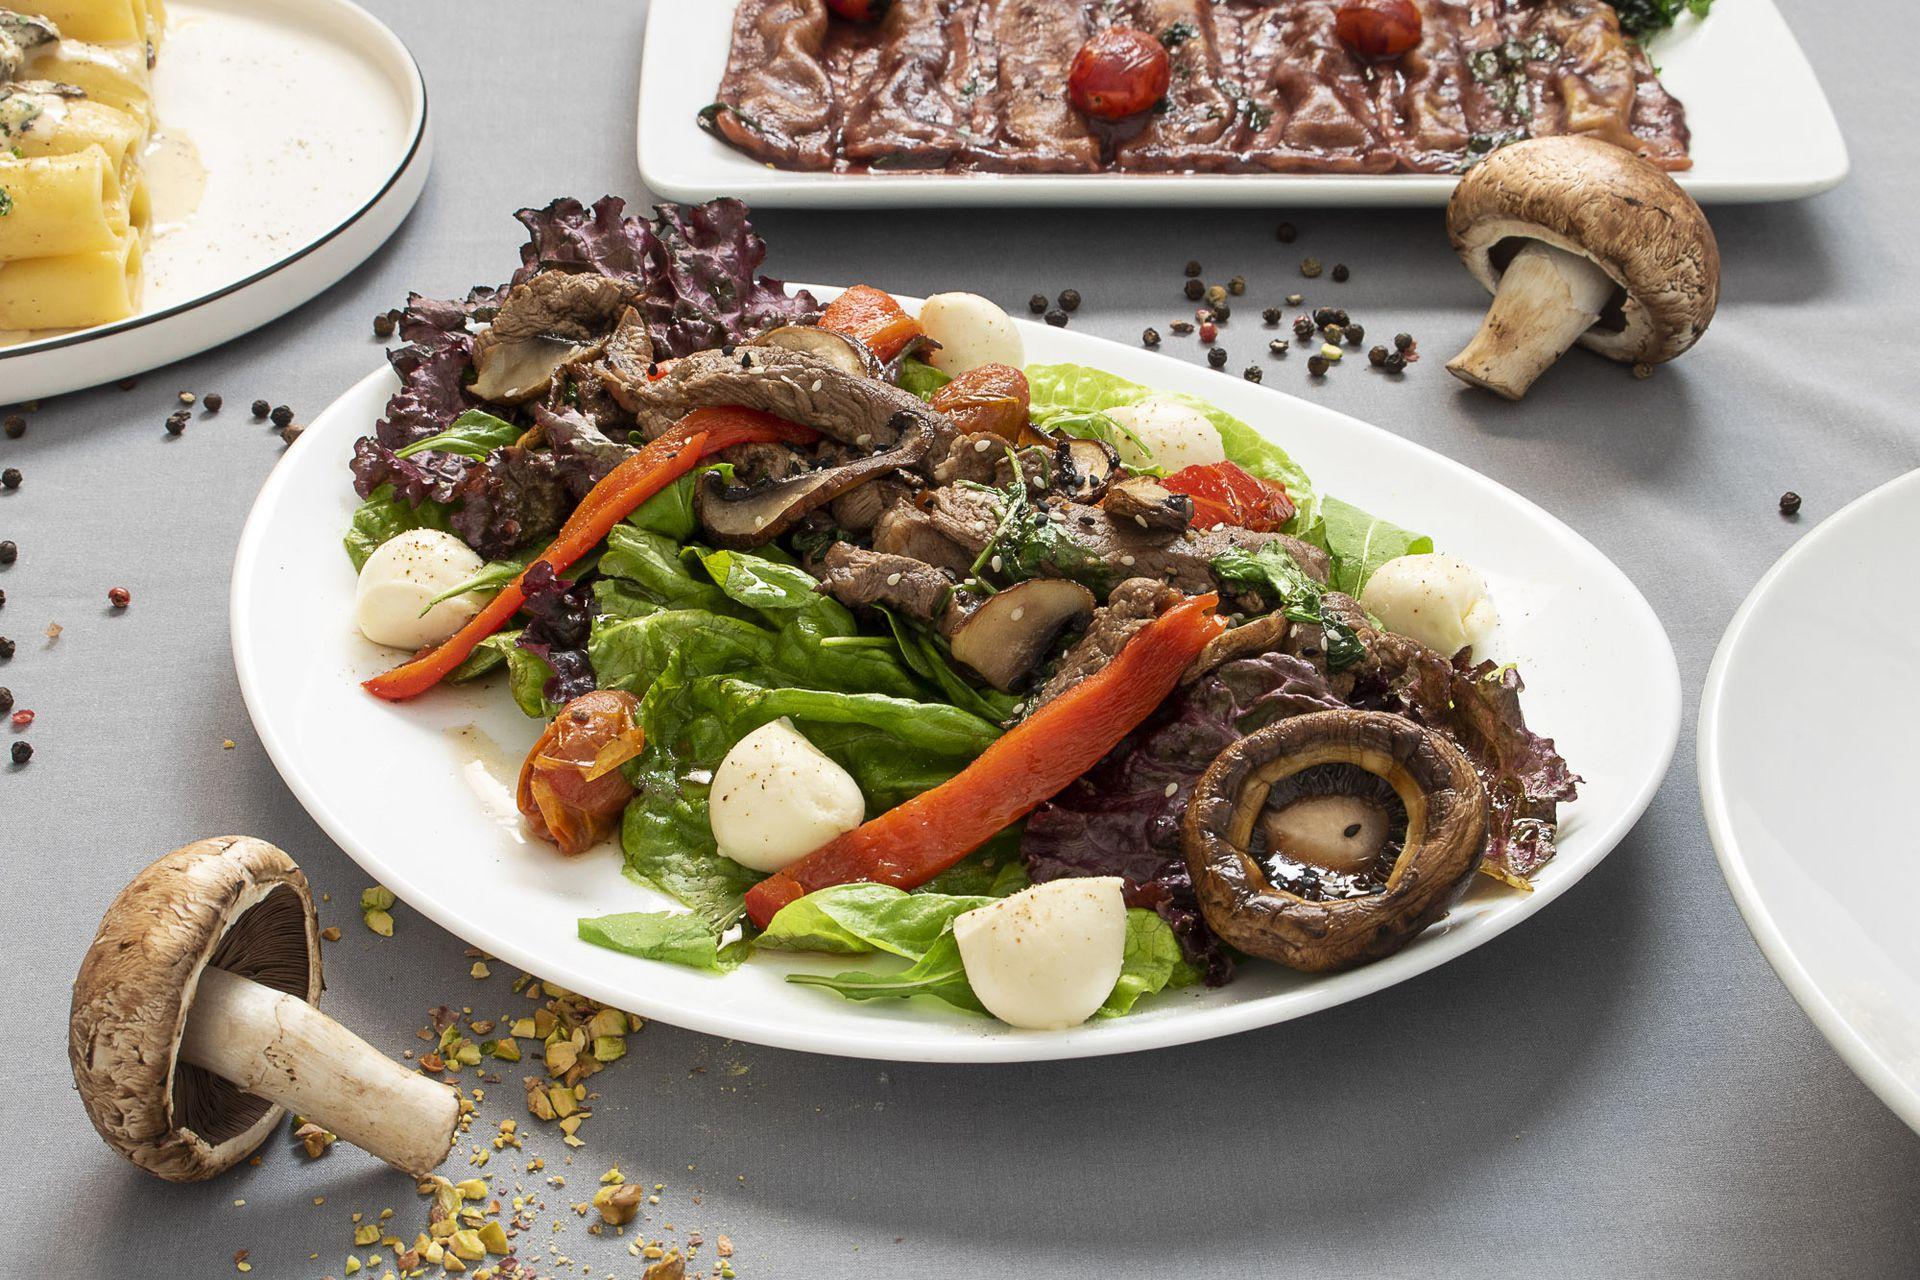 Ensalada tibia de lomo con mix de hojas, portobello y boconcino